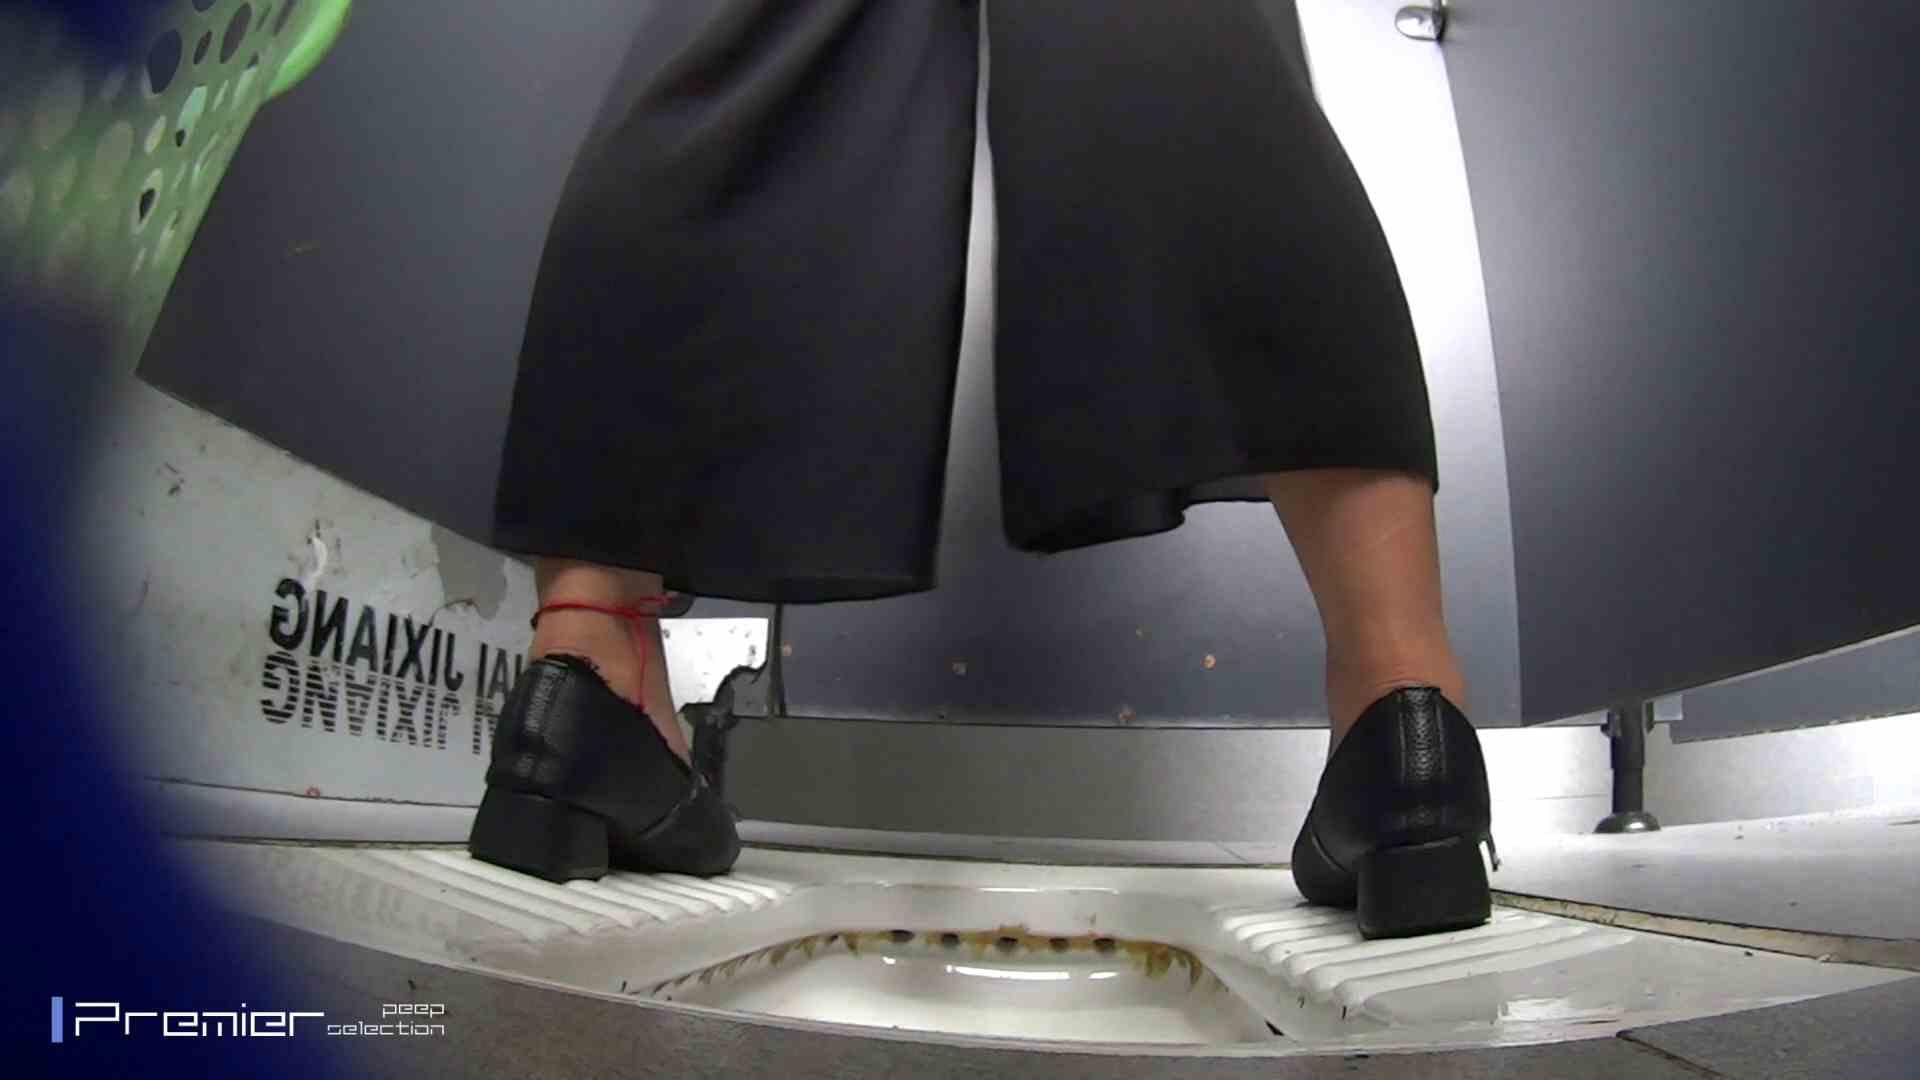 夏全開!ハーフパンツのギャル達 大学休憩時間の洗面所事情44 美肌  105画像 12